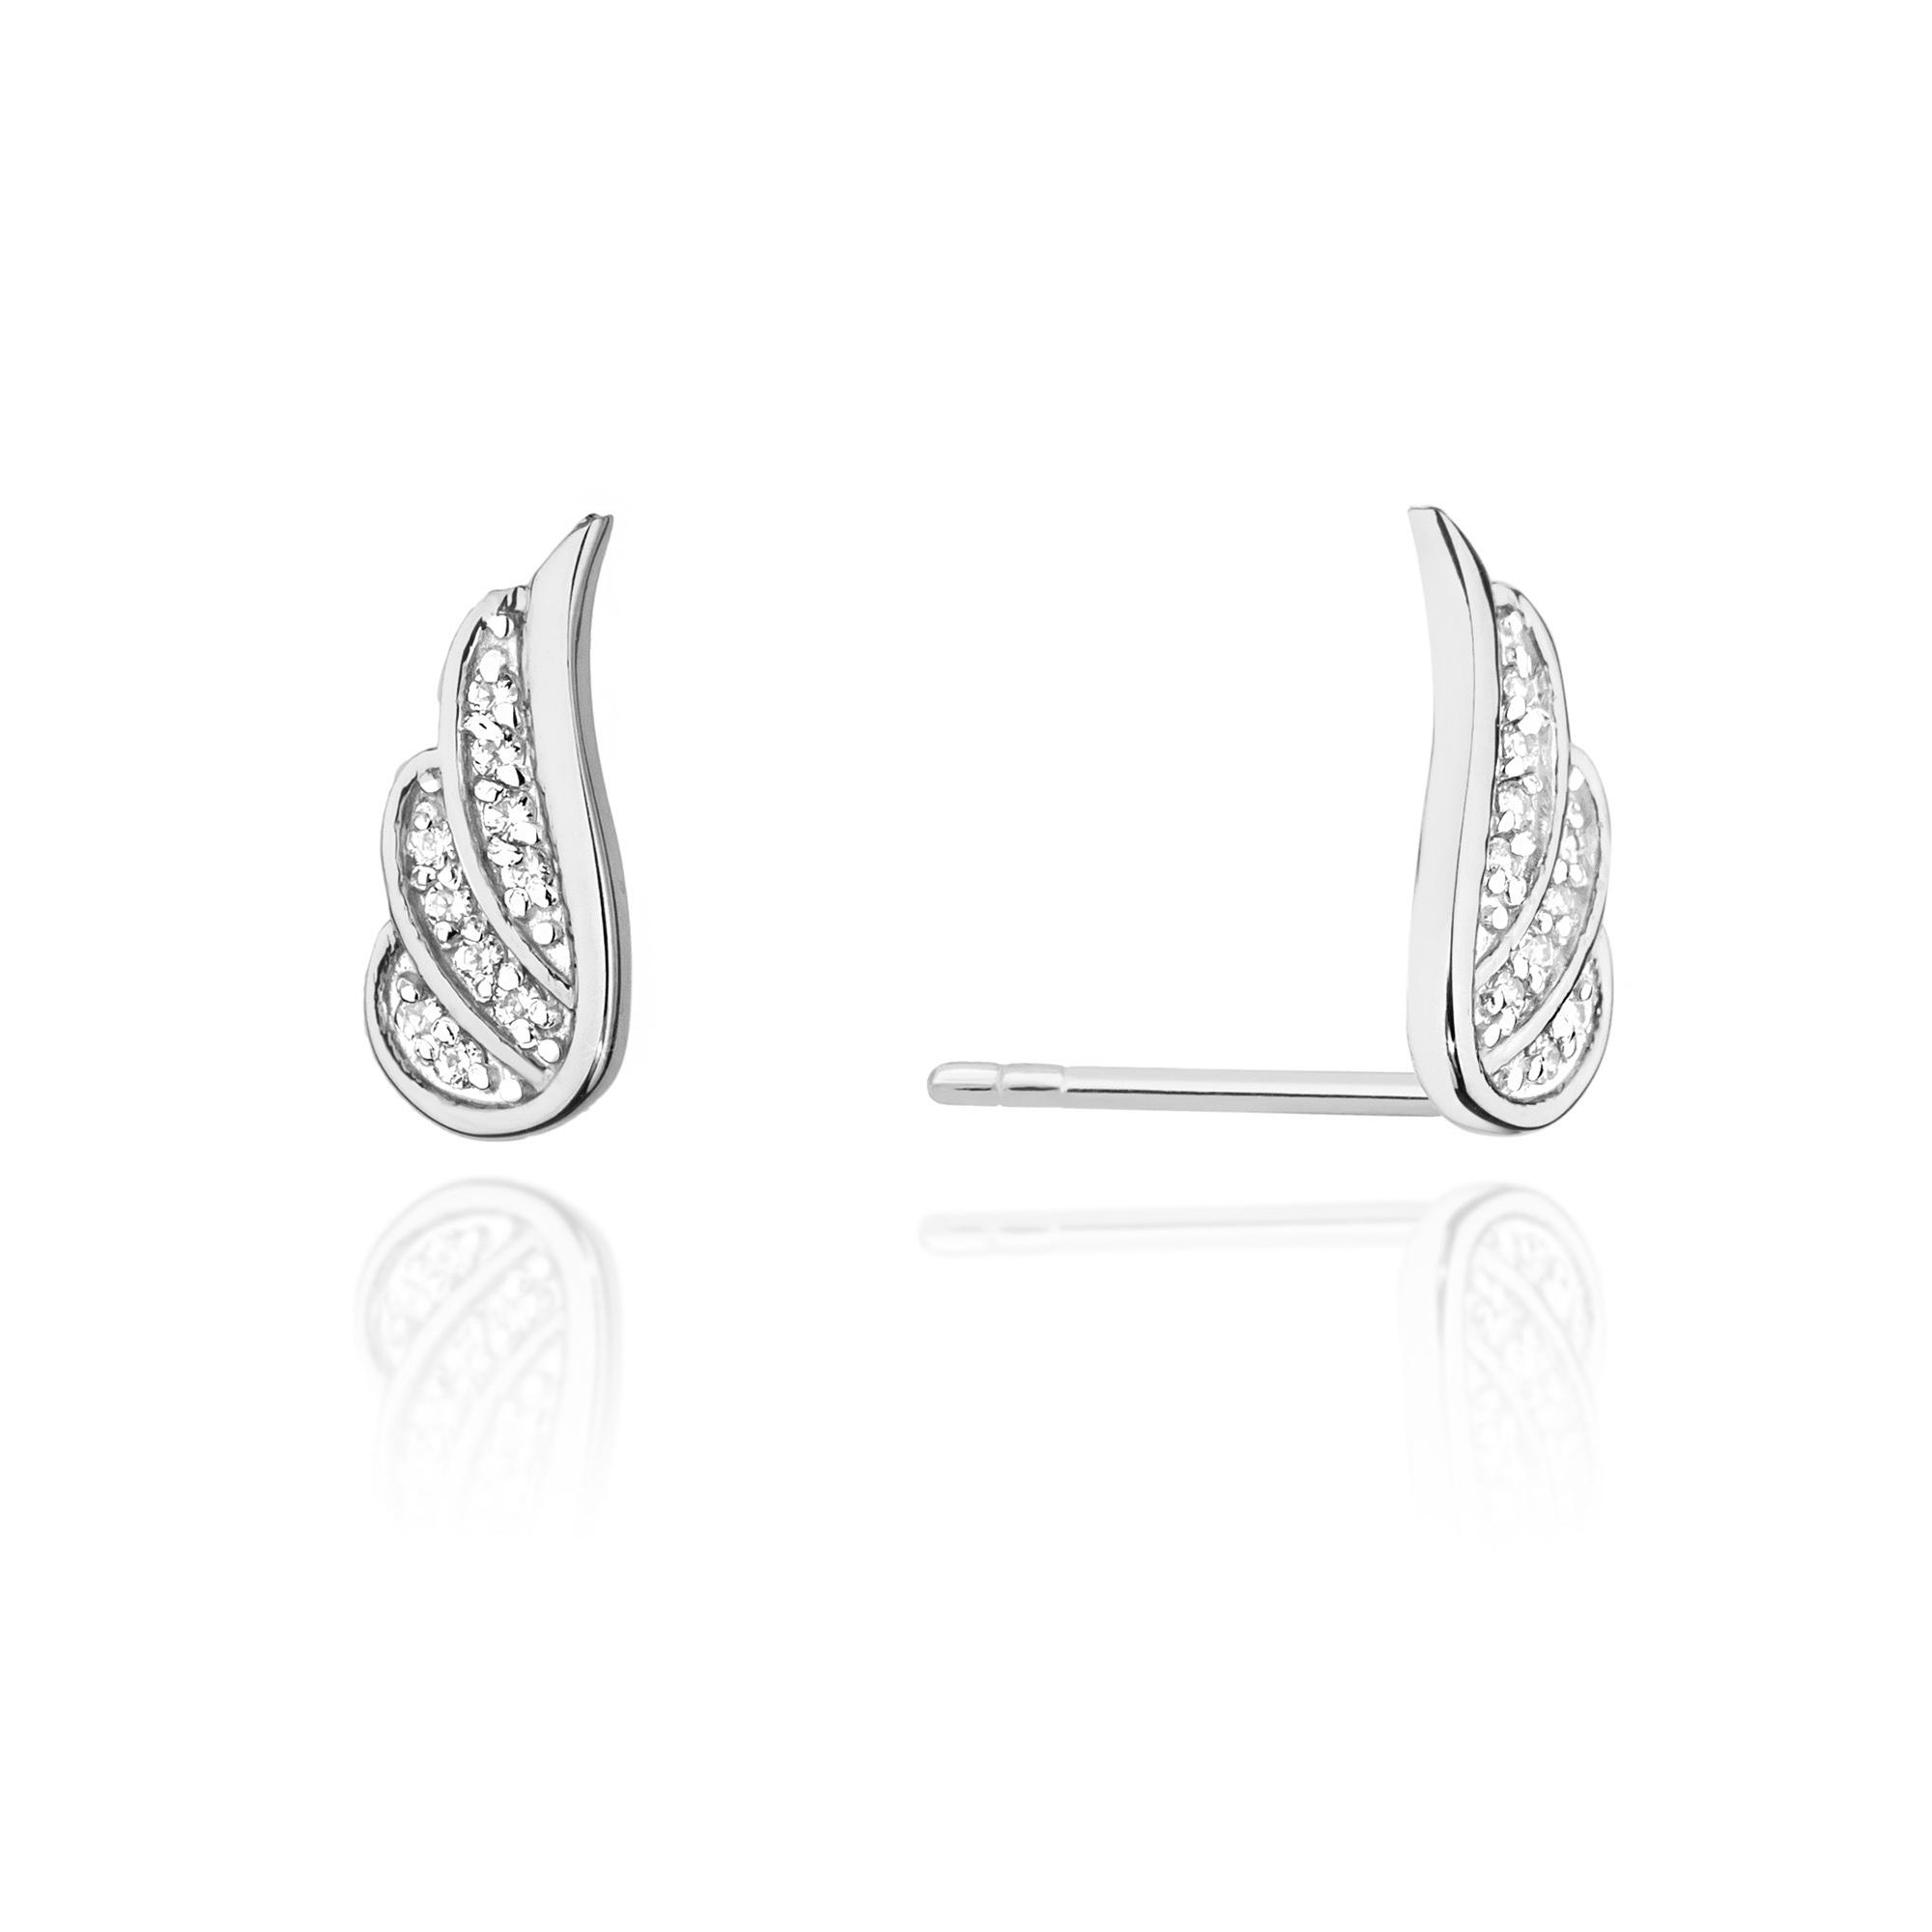 Diamantové náušnice křídla, bílé zlato a brilianty